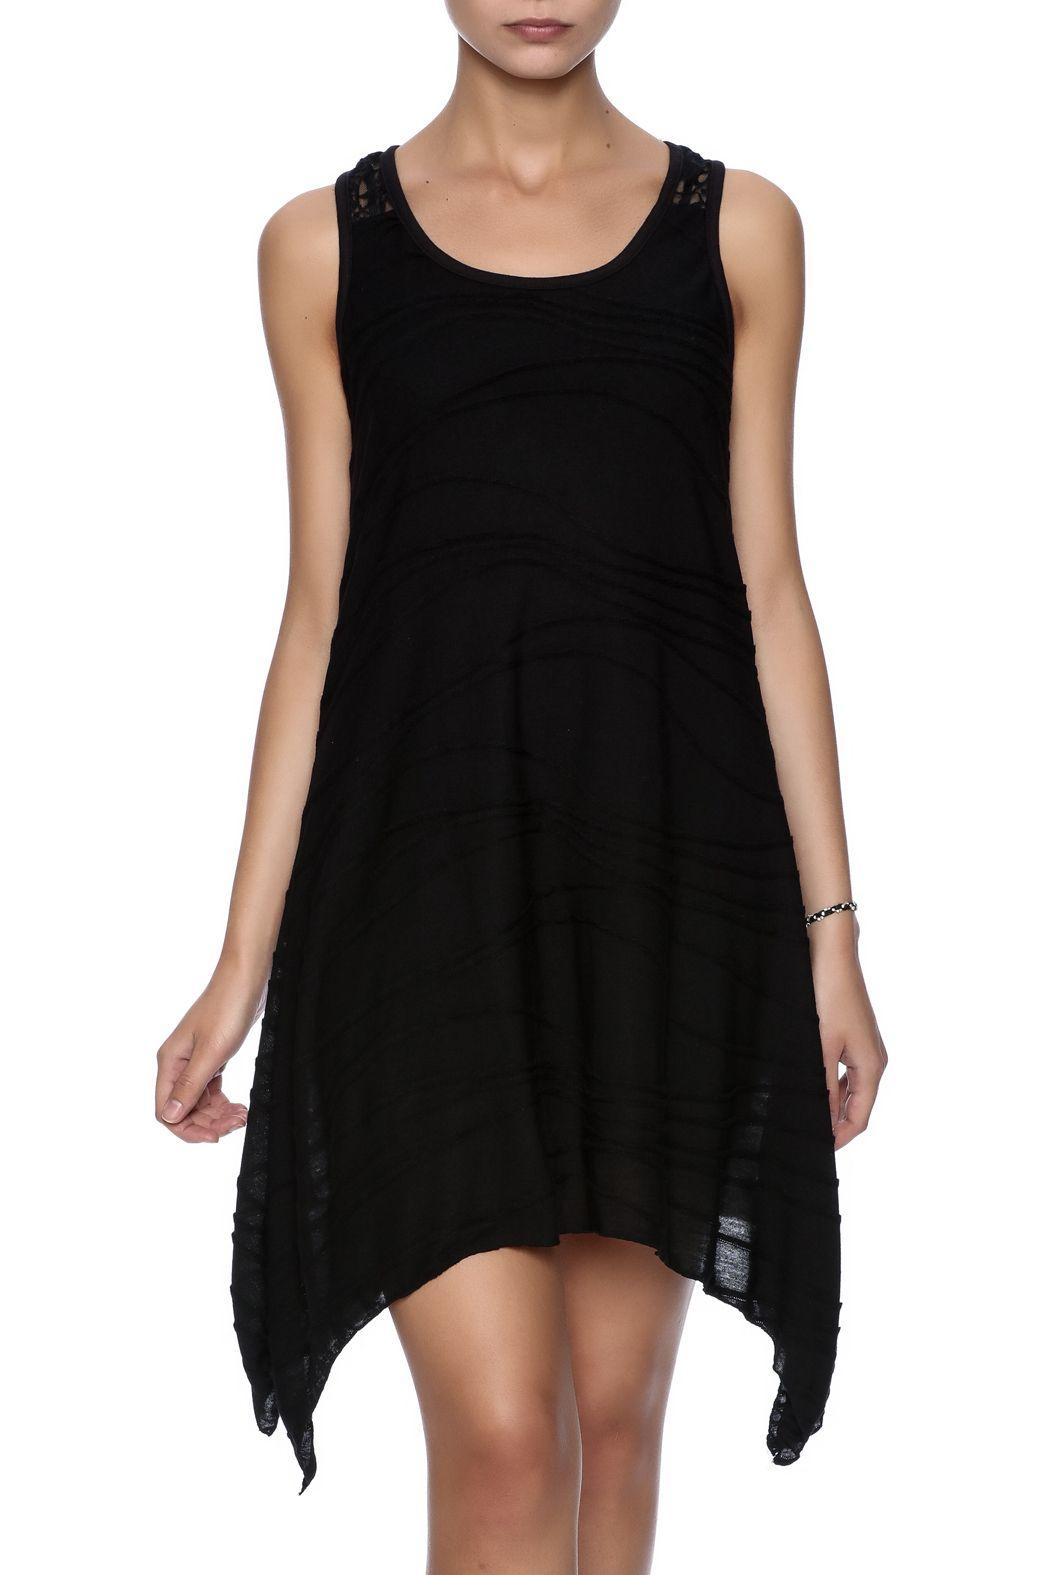 Kleid schwarz fairtrade